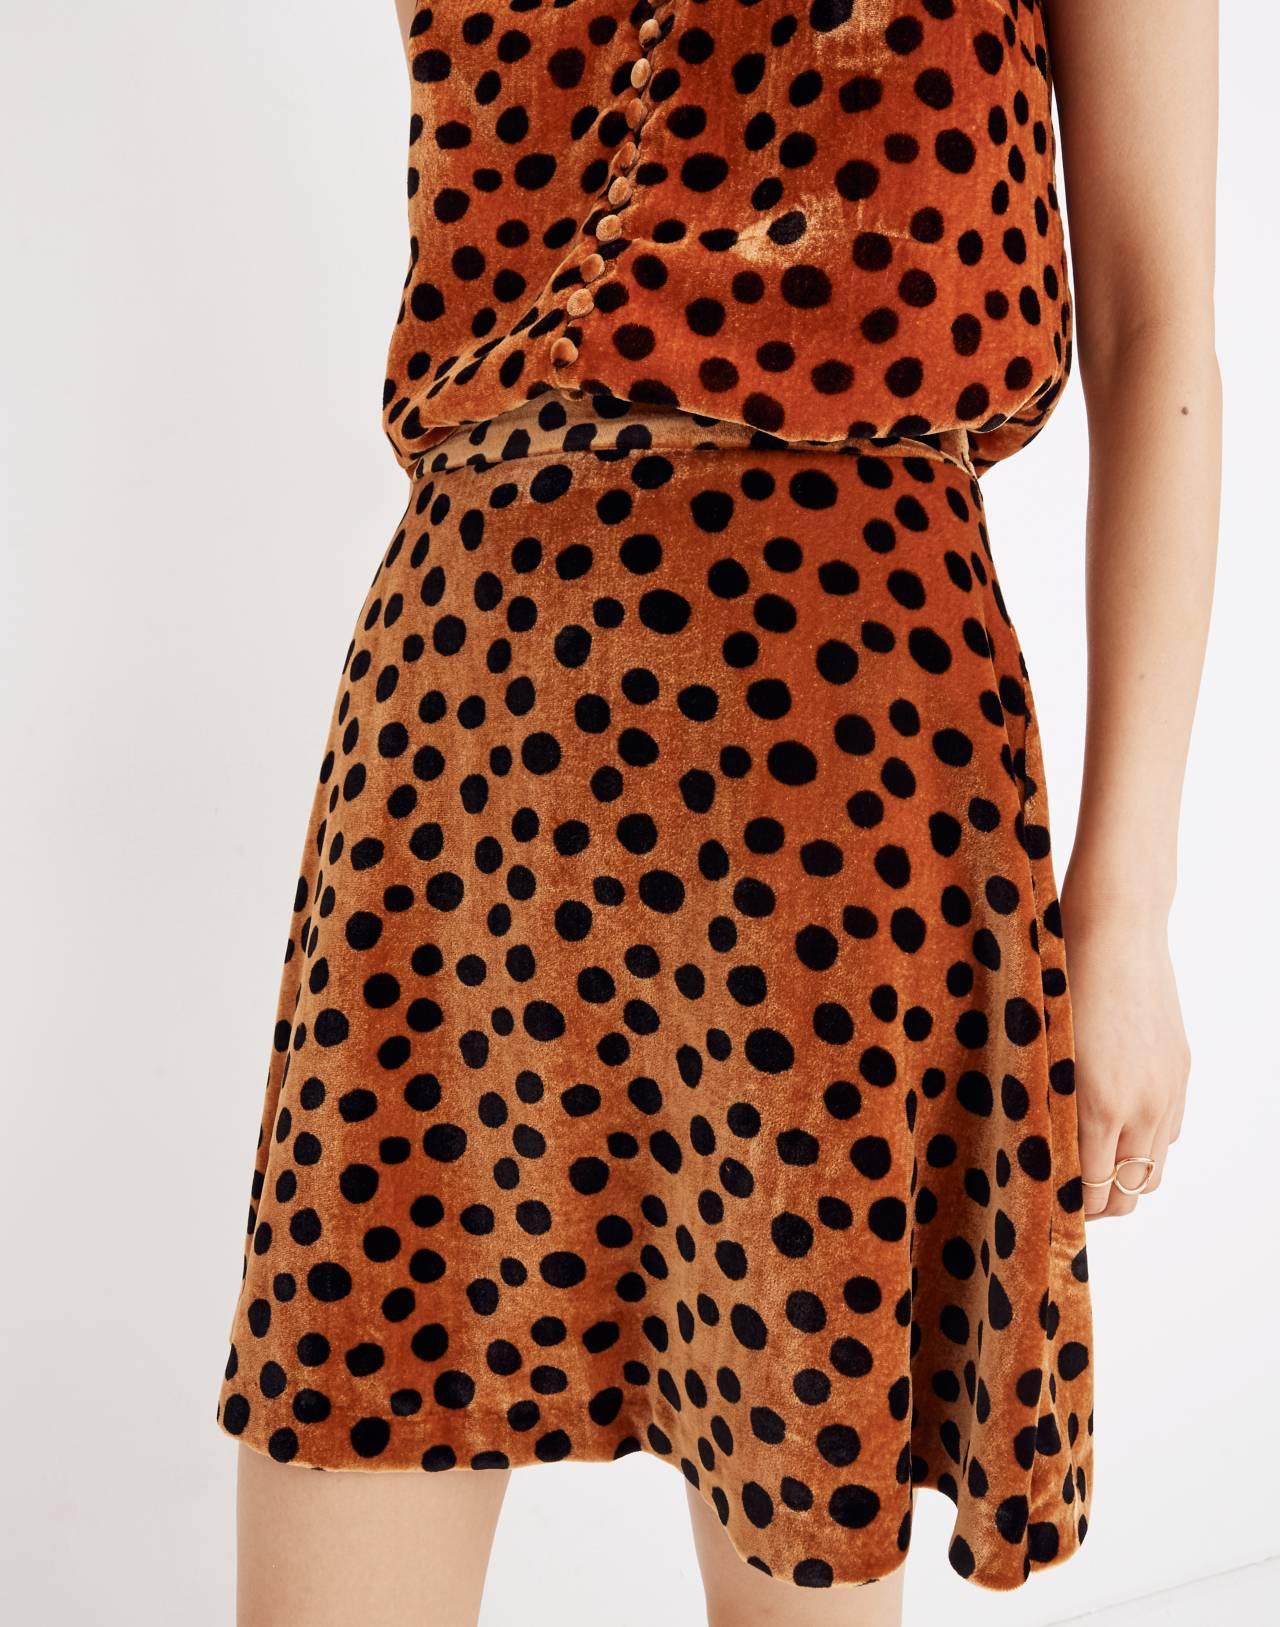 Velvet Circle Mini Skirt in Leopard Dot in leopard dot burnt sienna image 1